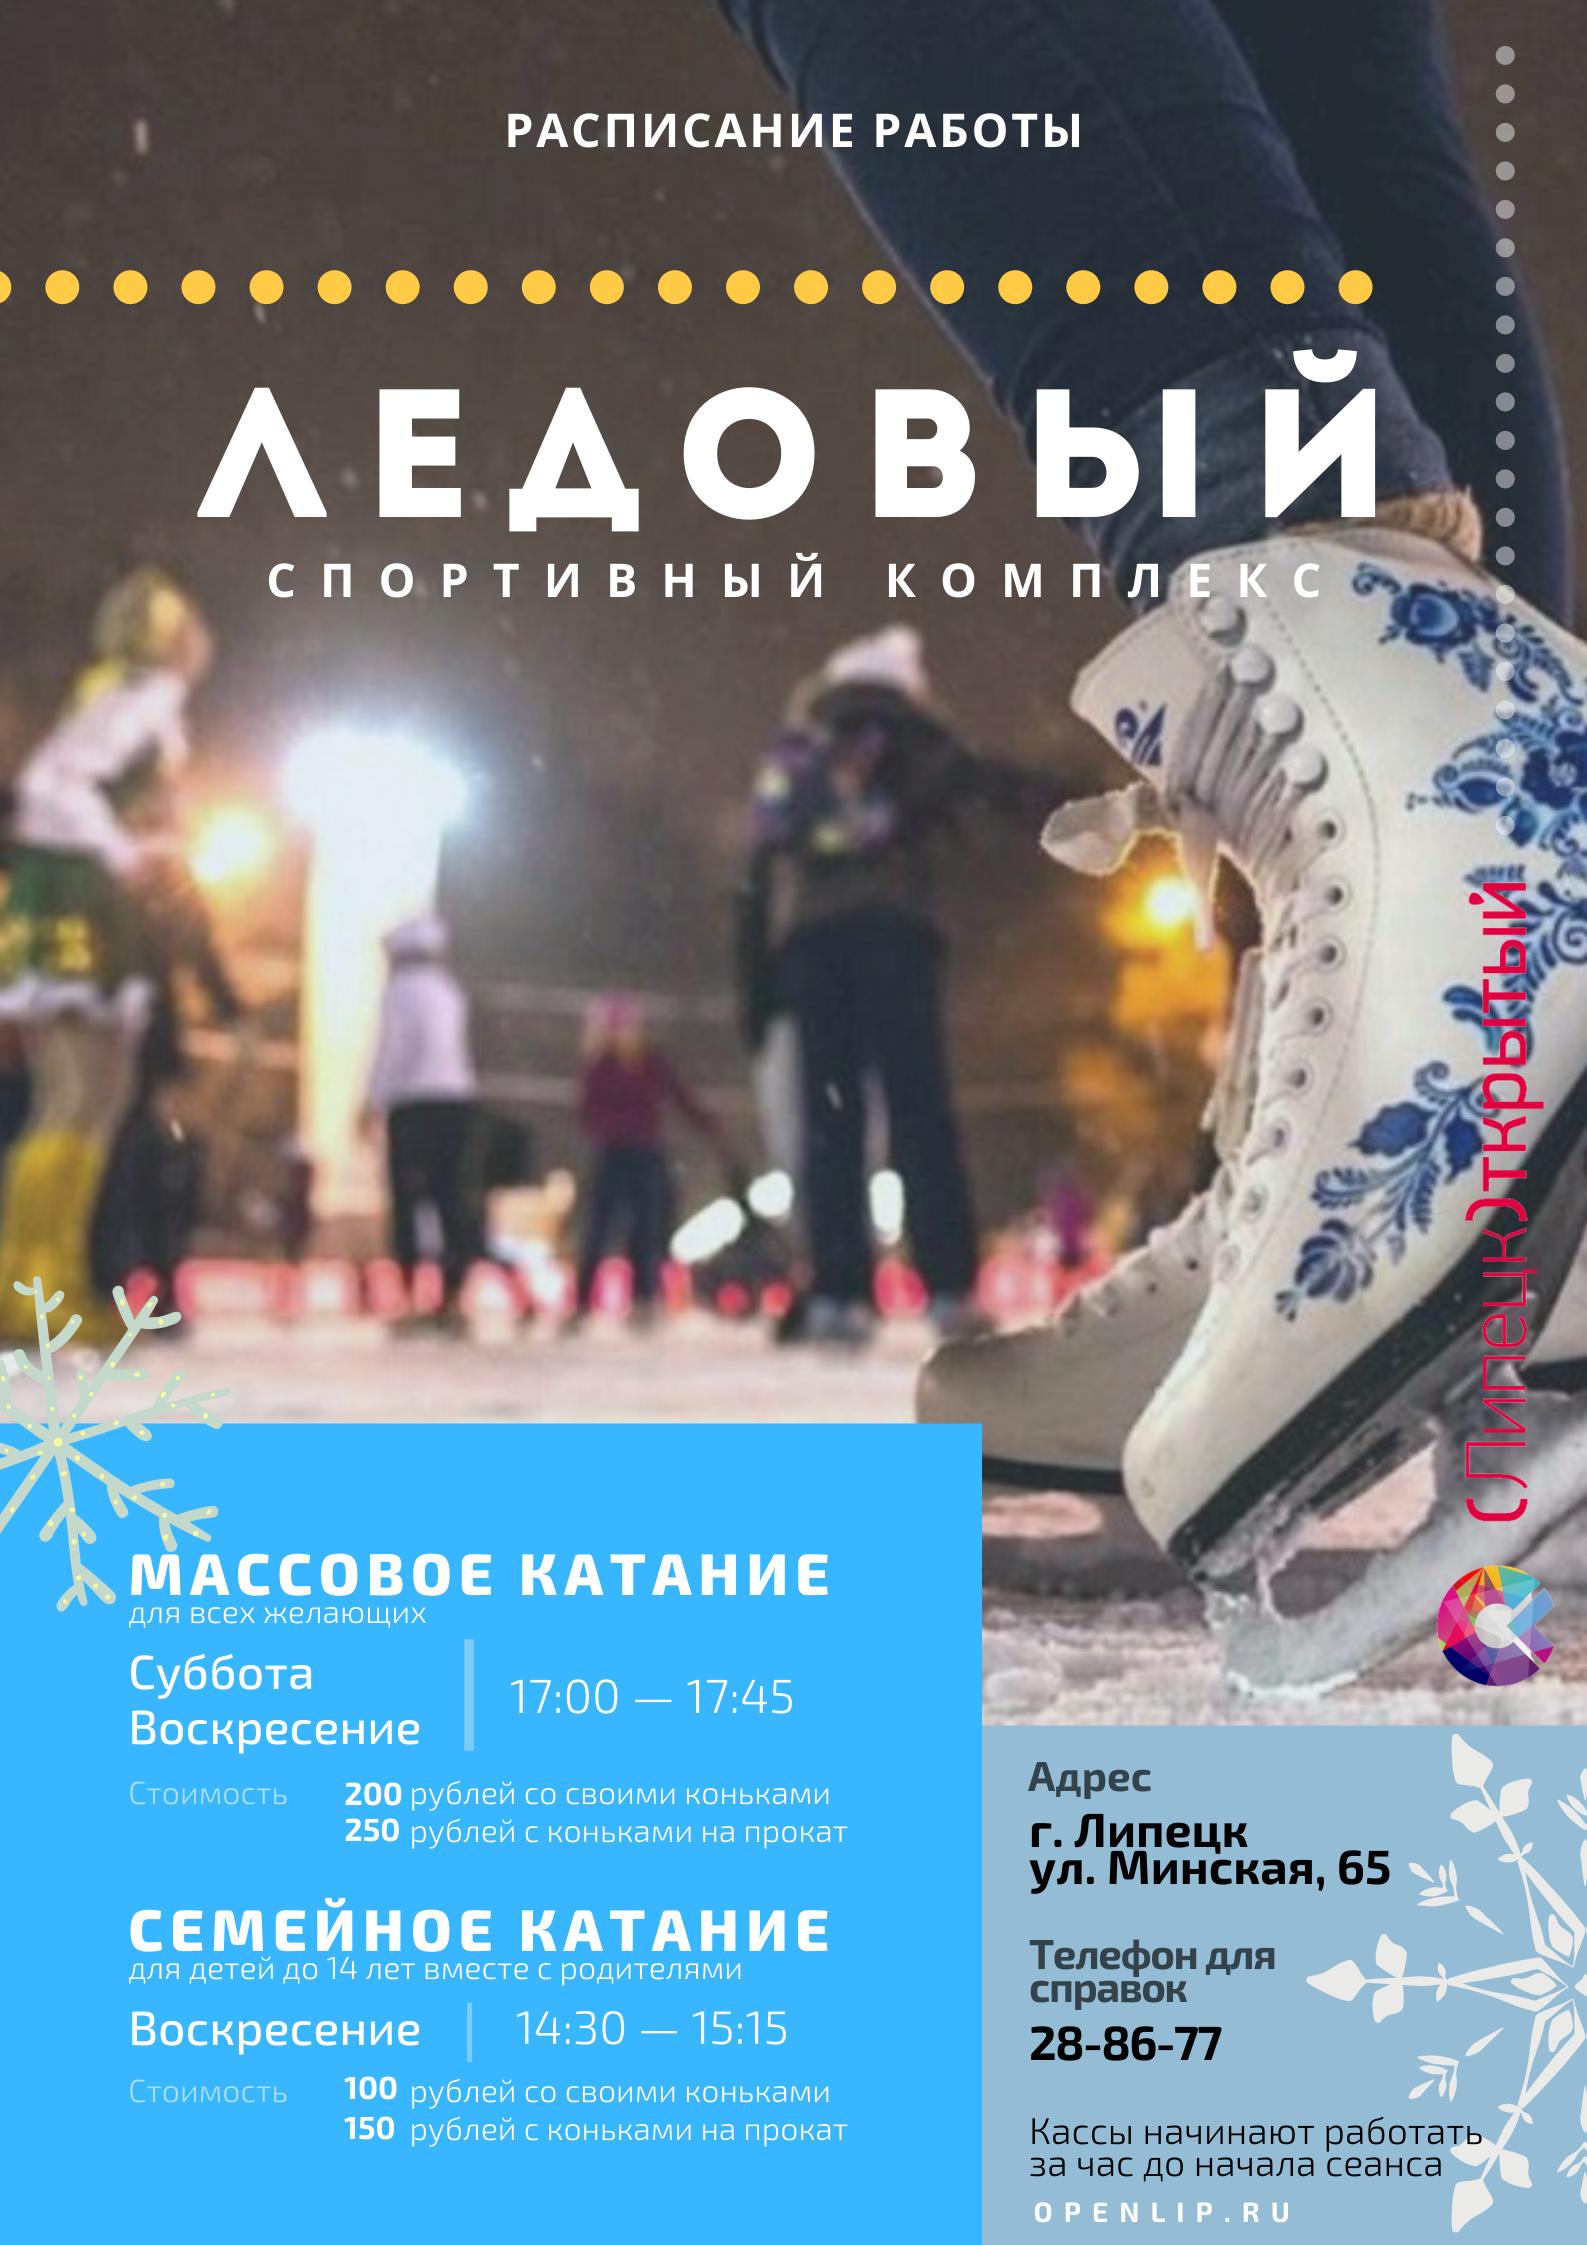 Расписание массового катания на коньках в спортивном комплексе Ледовый